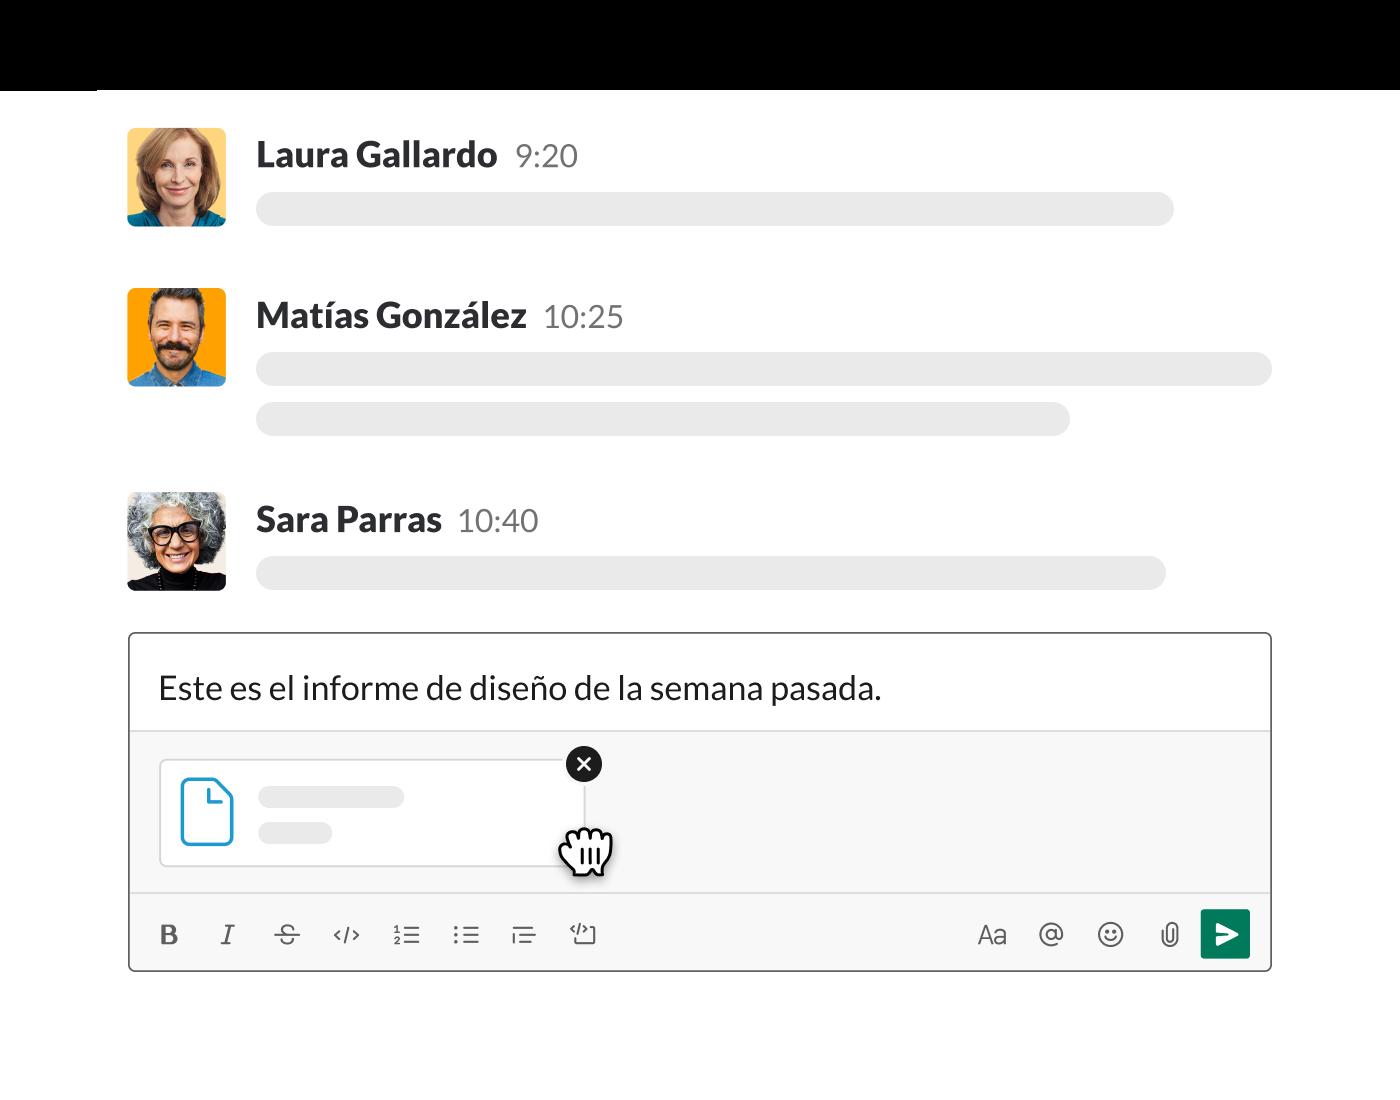 Subir un archivo a Slack desde el campo de mensajes